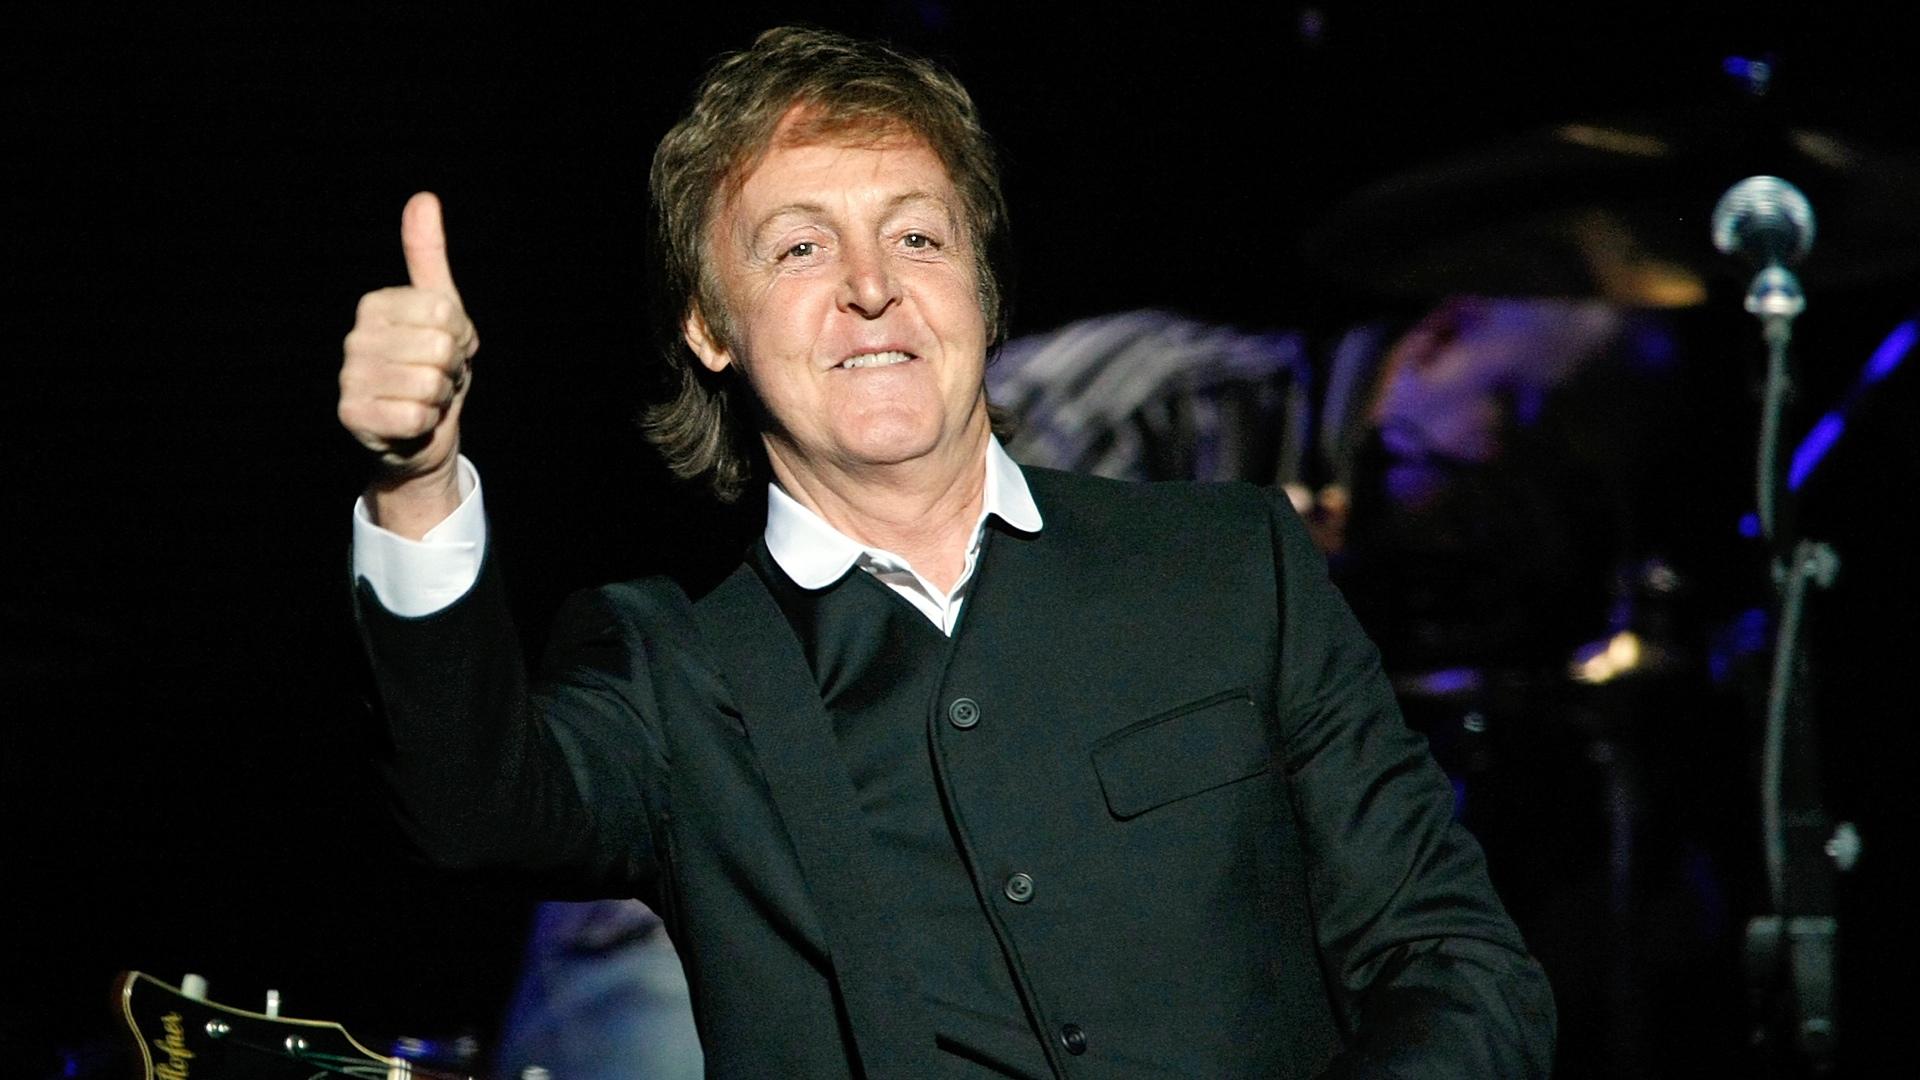 Ministério Público investiga participação do governo em show de Paul McCartney